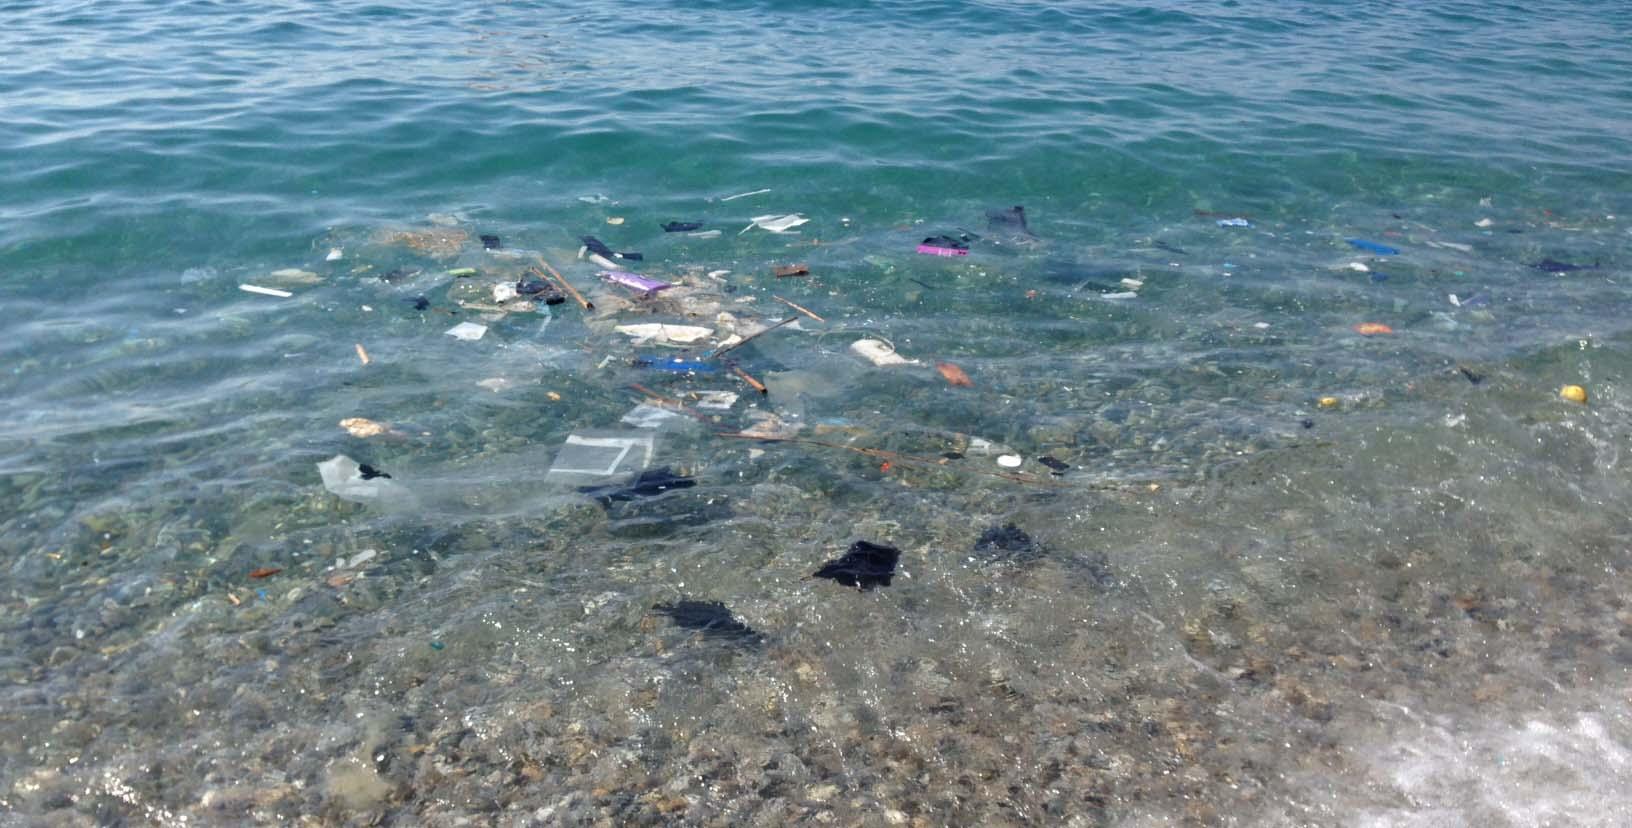 rifiuti marini nel mare spiaggia